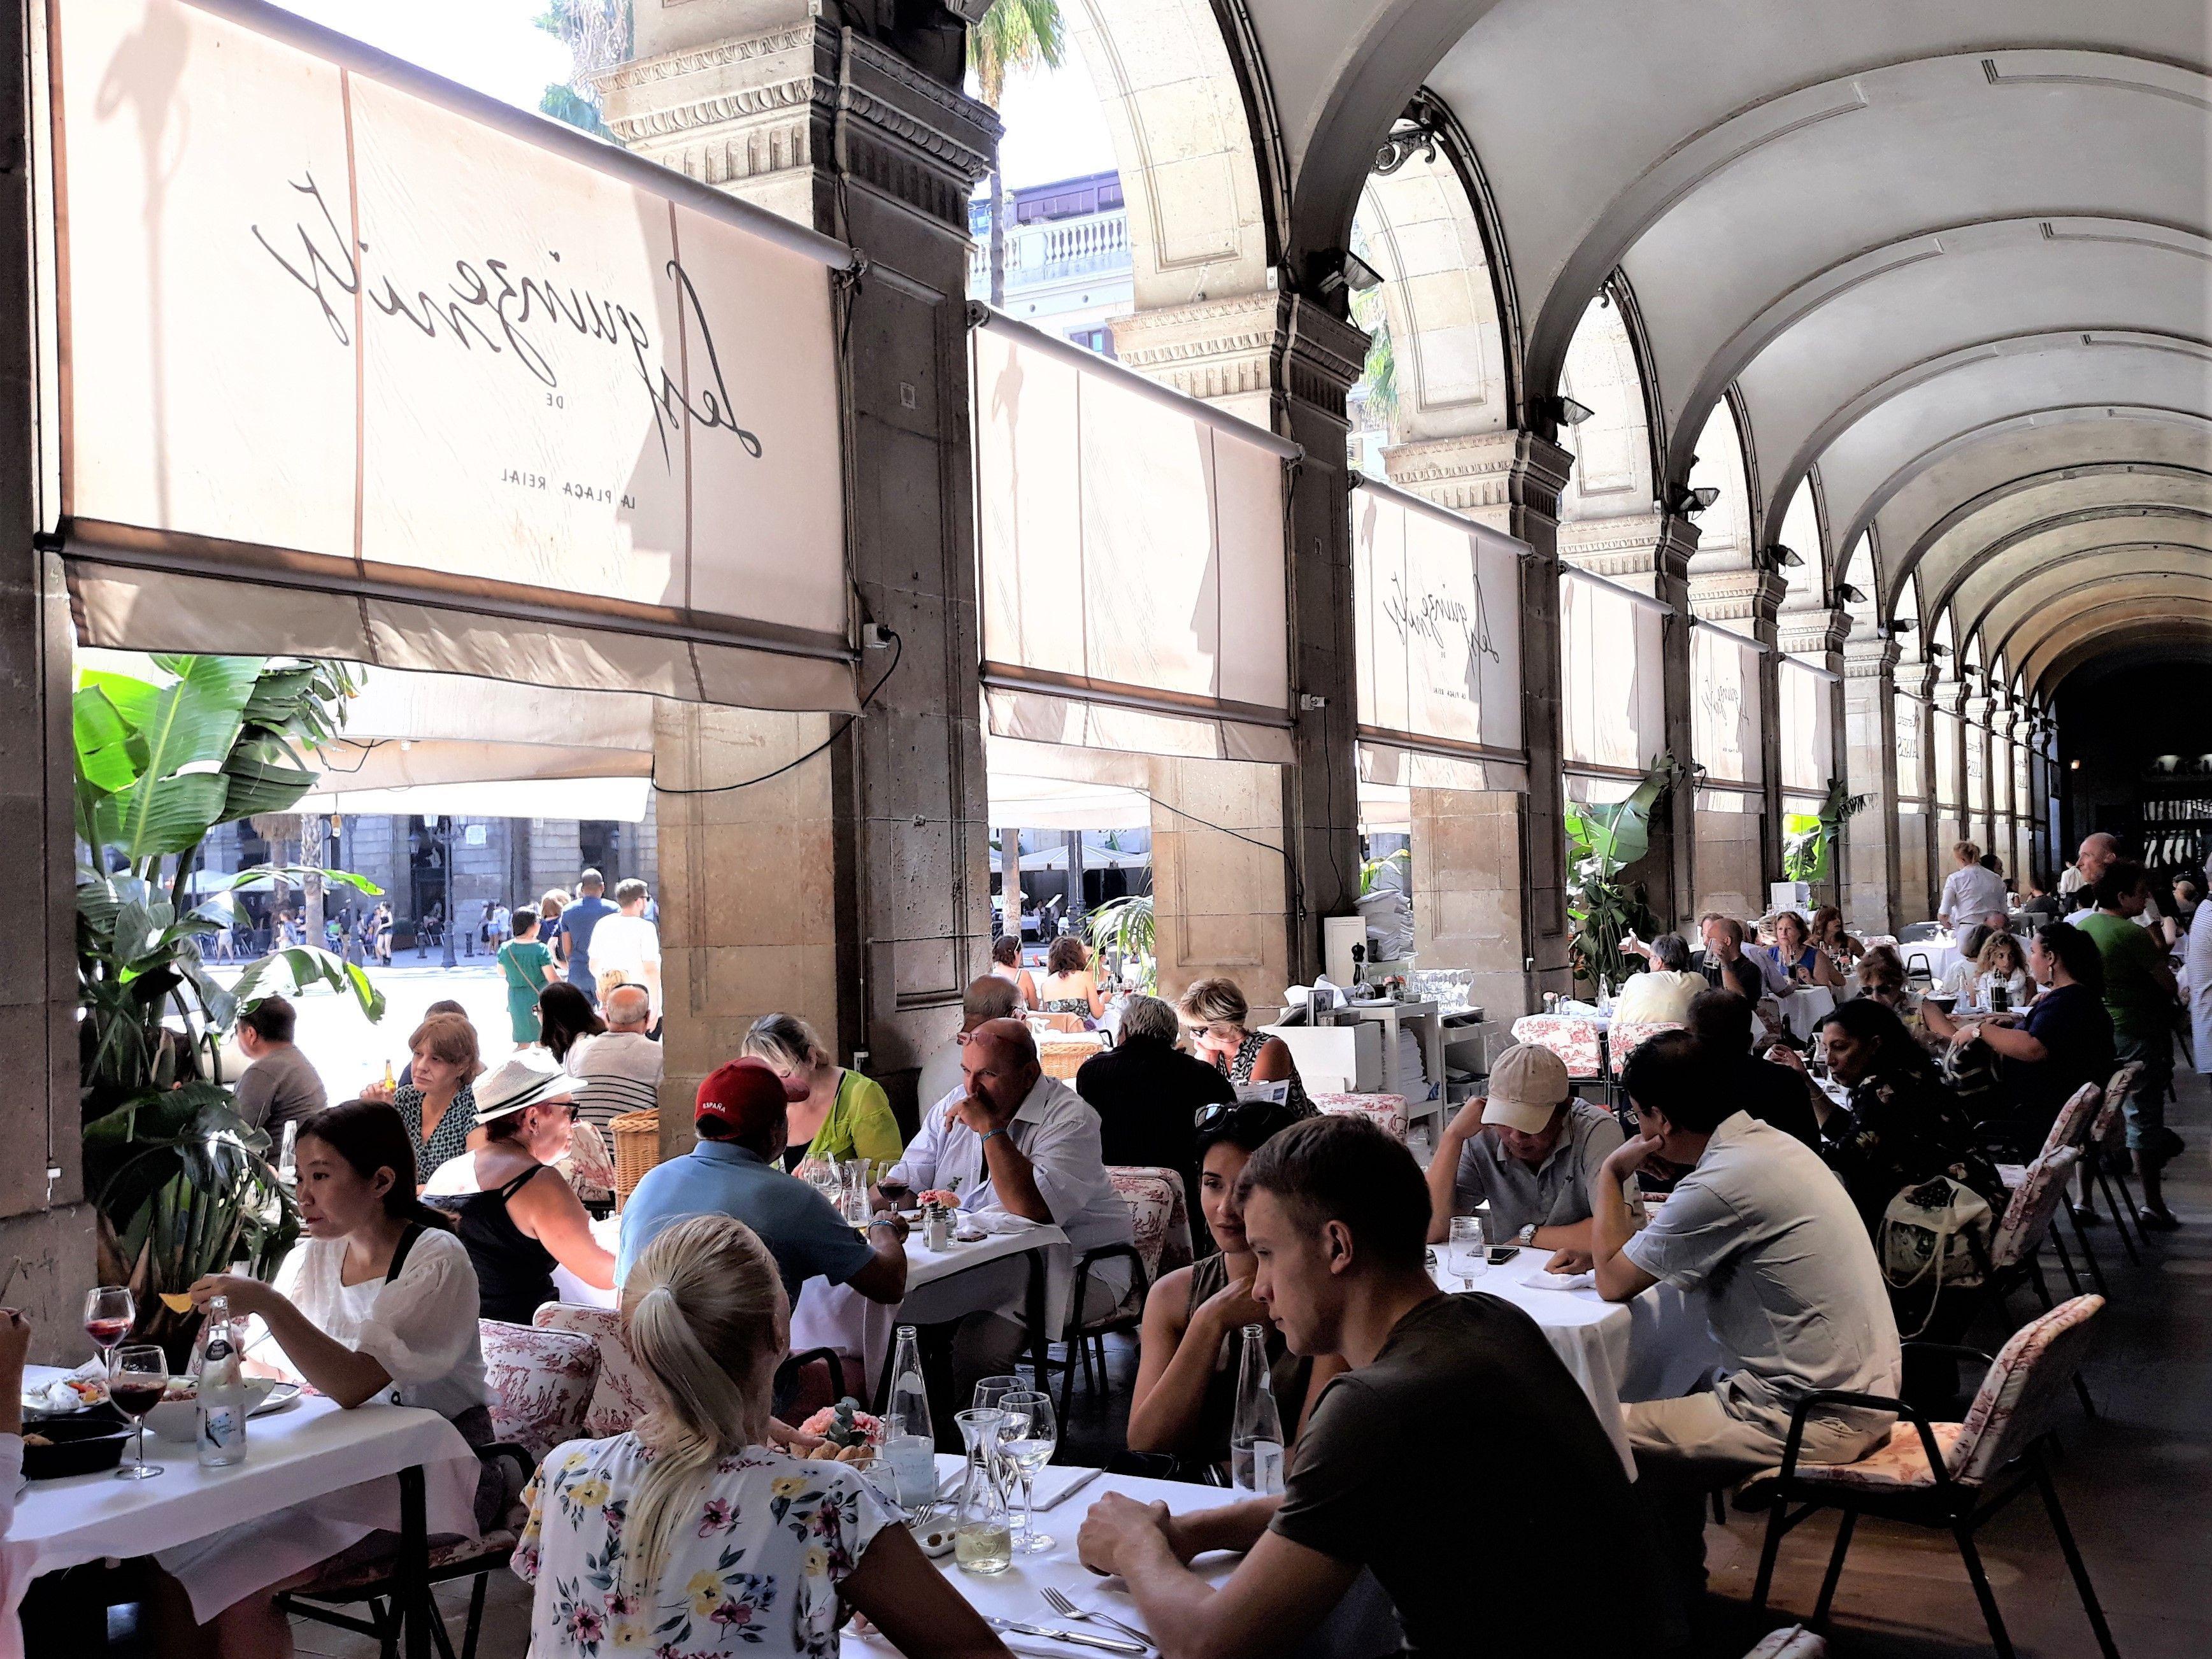 Mejores Restaurantes Con Terraza Barcelona 2020 Terrazeo